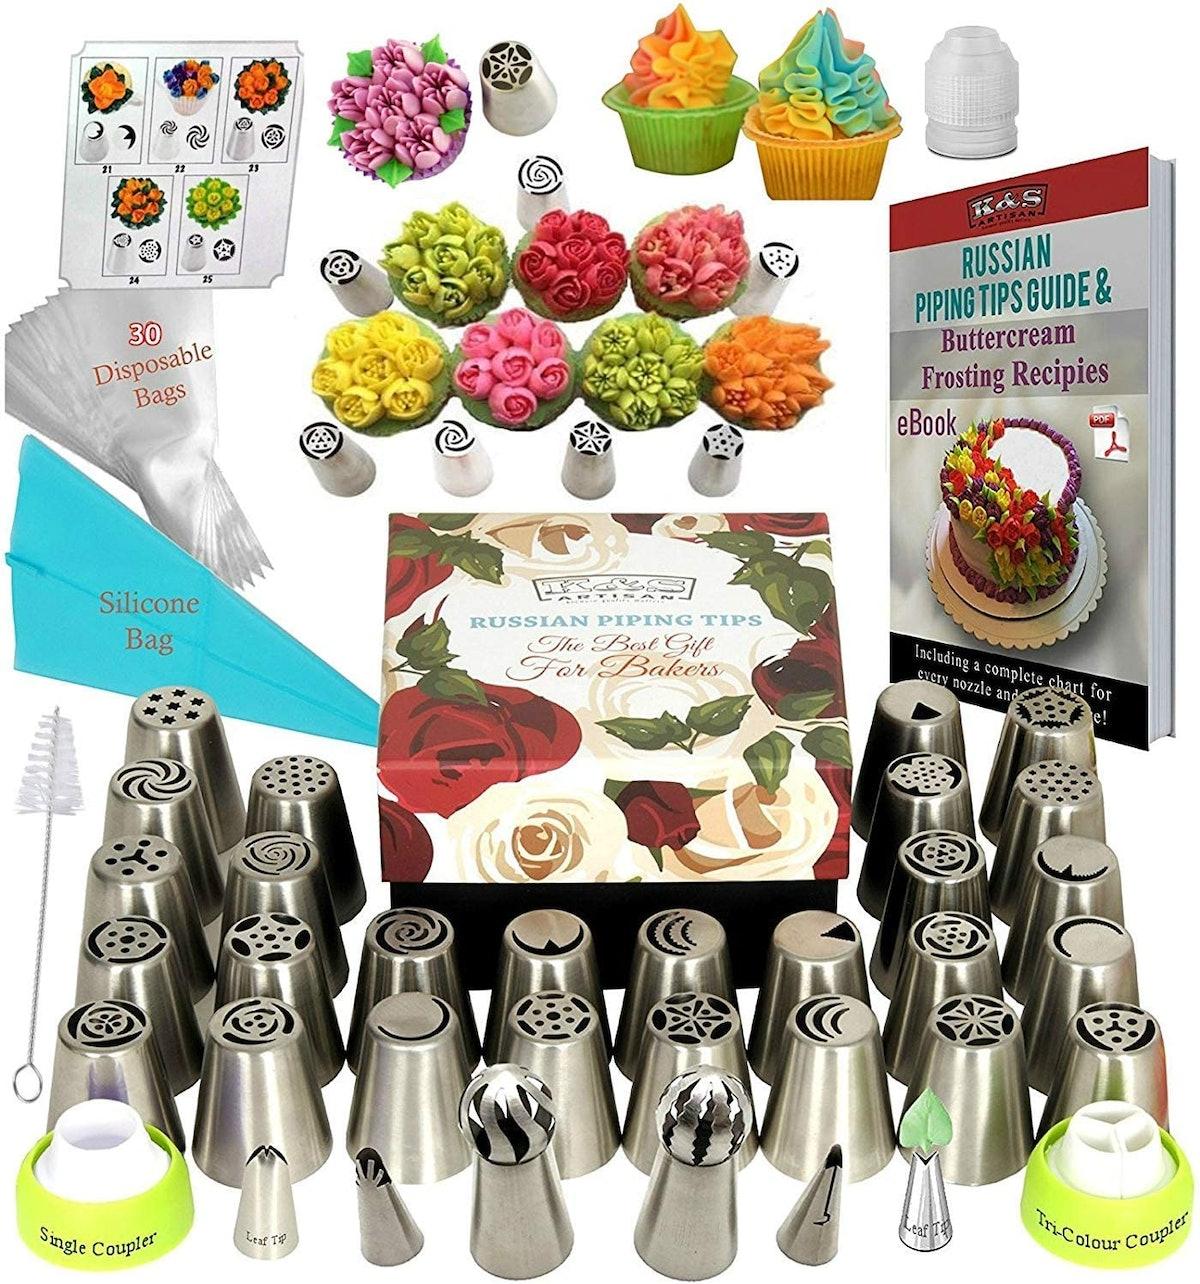 K&S Artisan Cake Decorating Kit